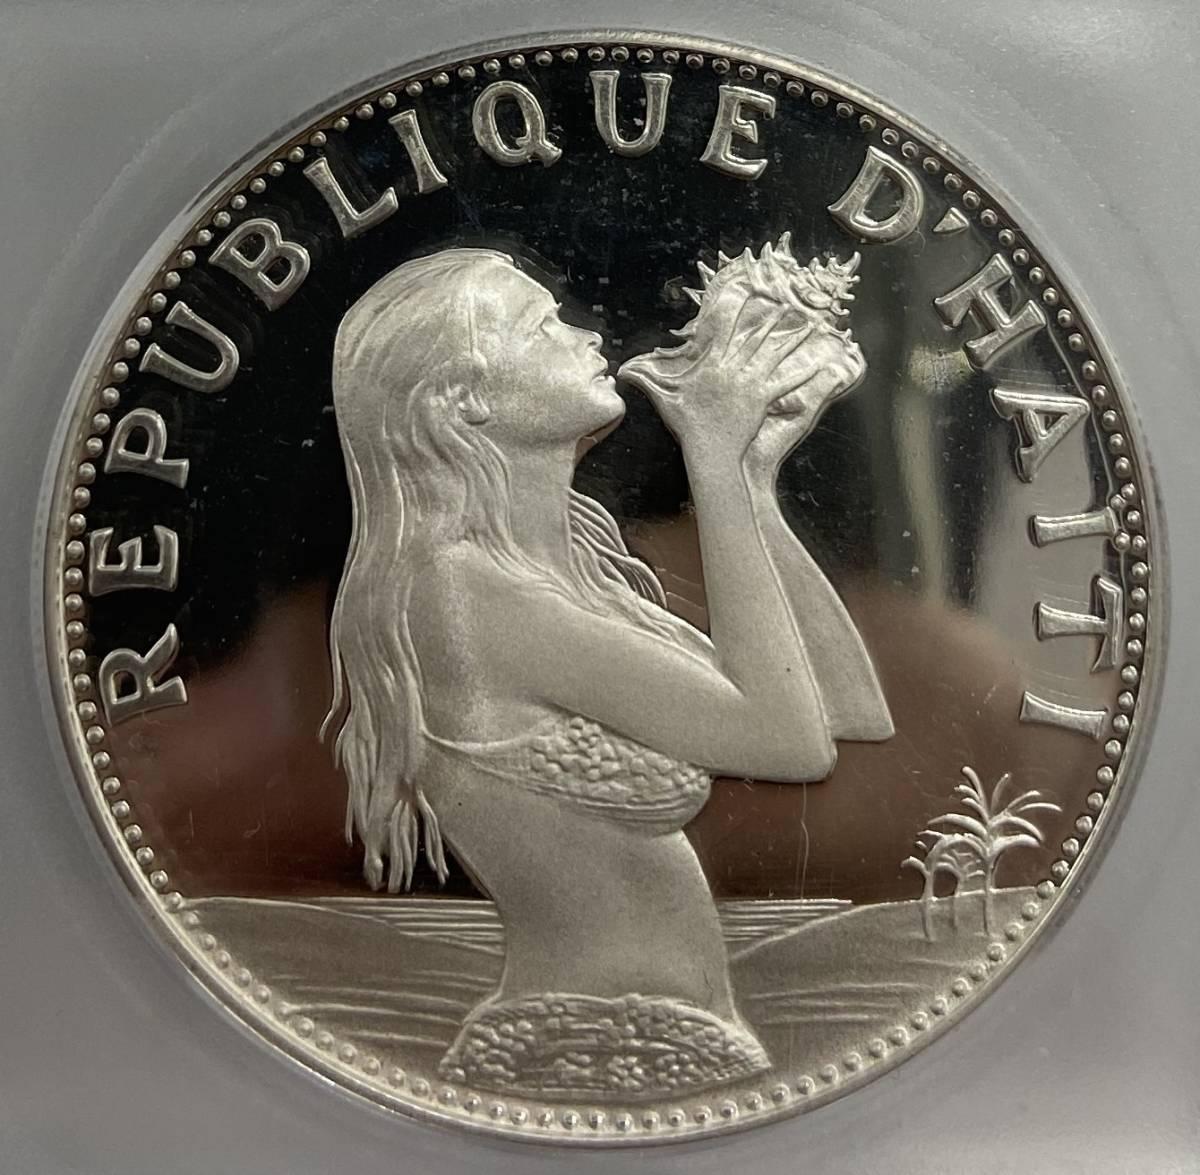 ハイチ 1973年 50Gourdes銀貨 貝を持つ少女 ICG-PR68DCAM 本物保証